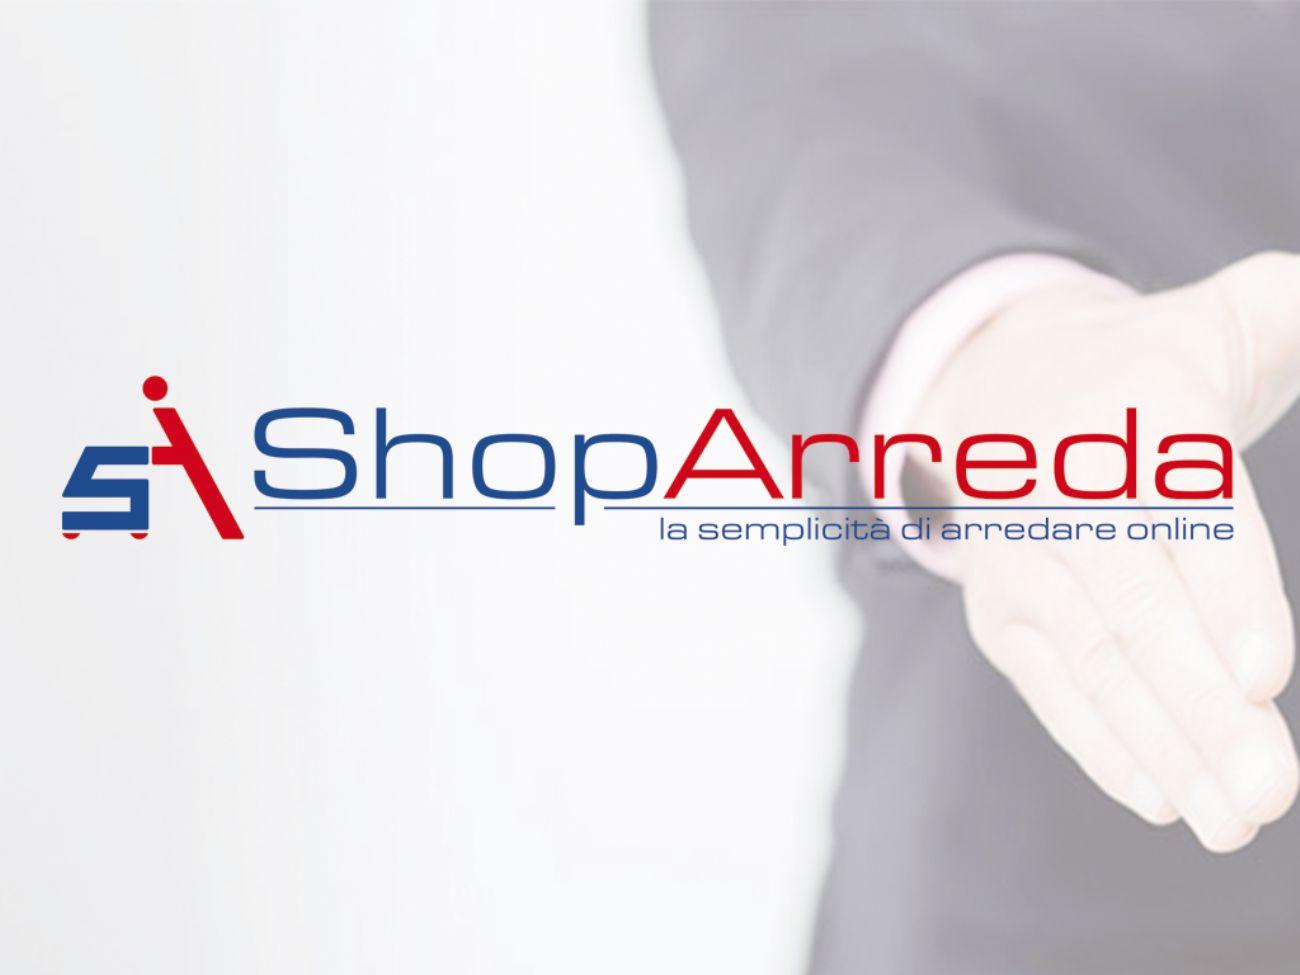 Logo Shoparreda